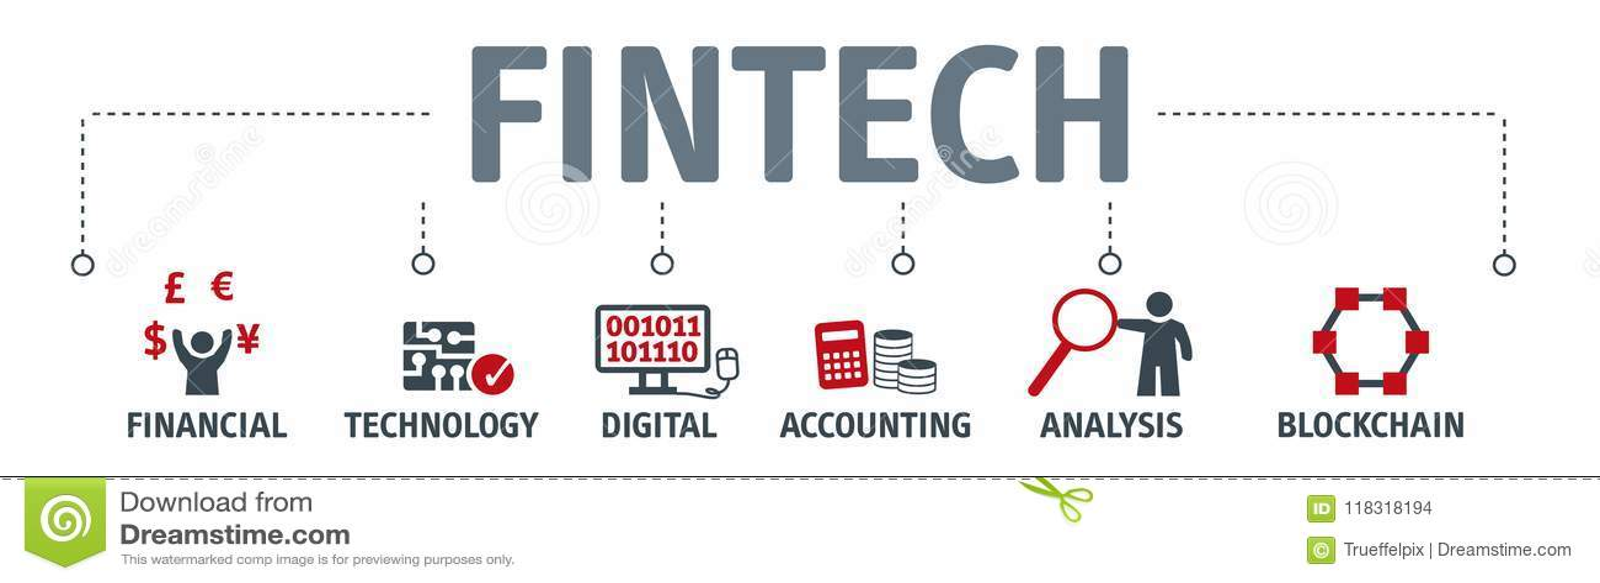 Fahne Fintech-Investitions-Finanzinternet-Technologie-Konzept